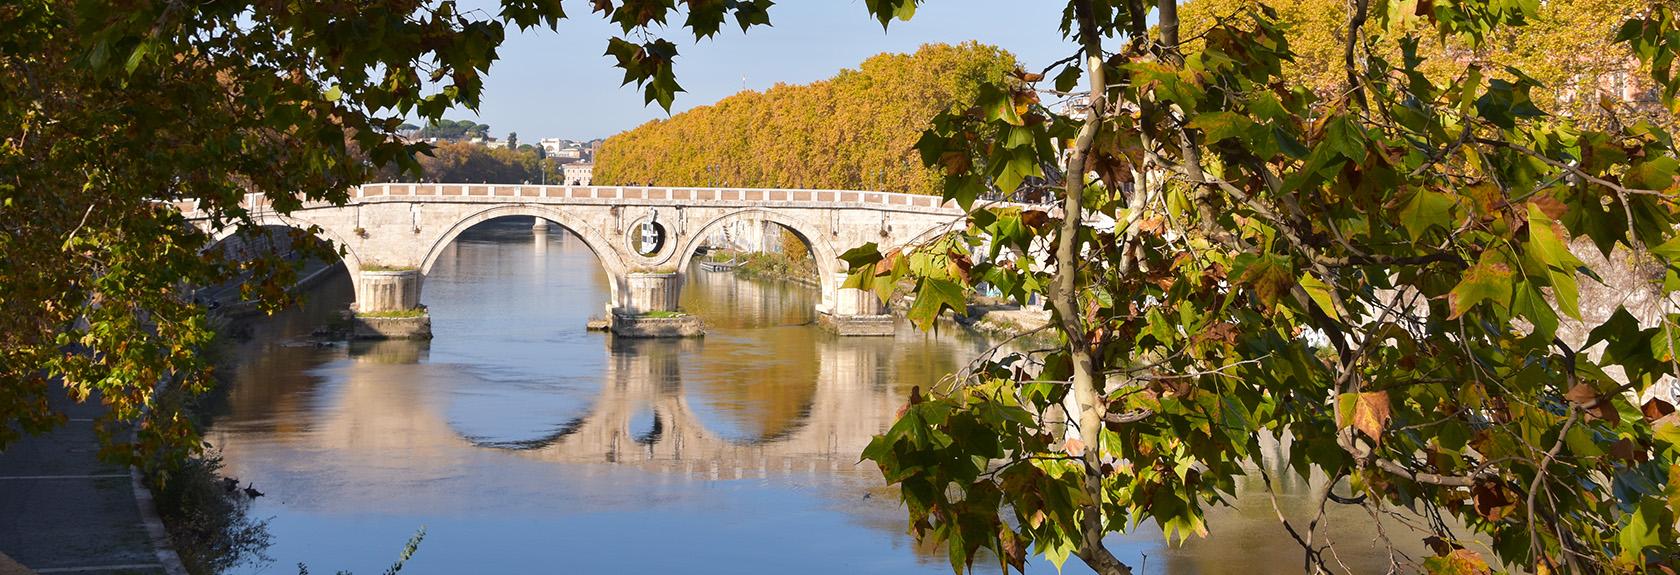 Weer en klimaat in Rome